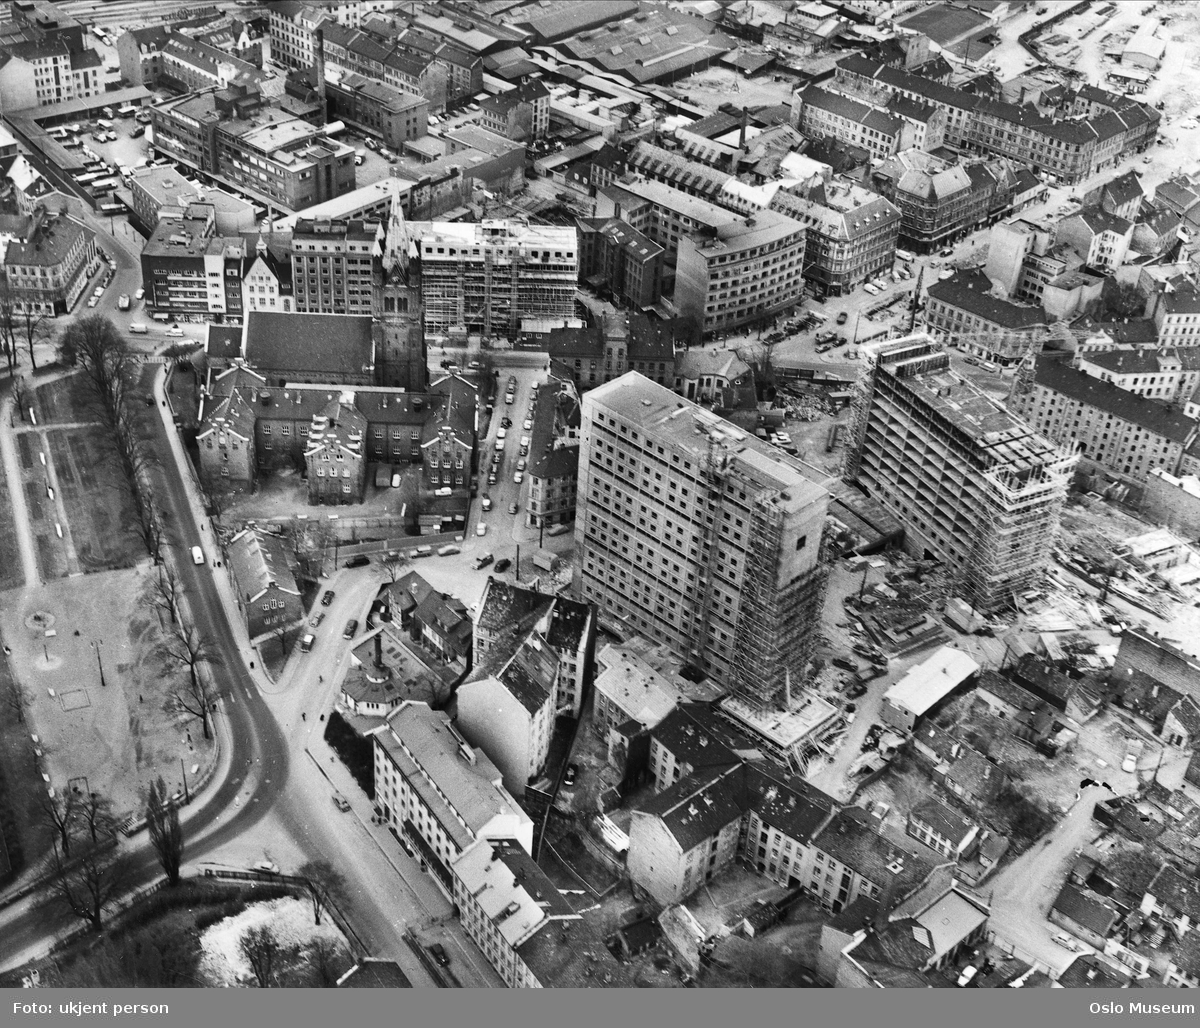 utsikt, bebyggelse, bygårder, boligblokker, byggevirksomhet, Grønland, kirke, Grønland skole